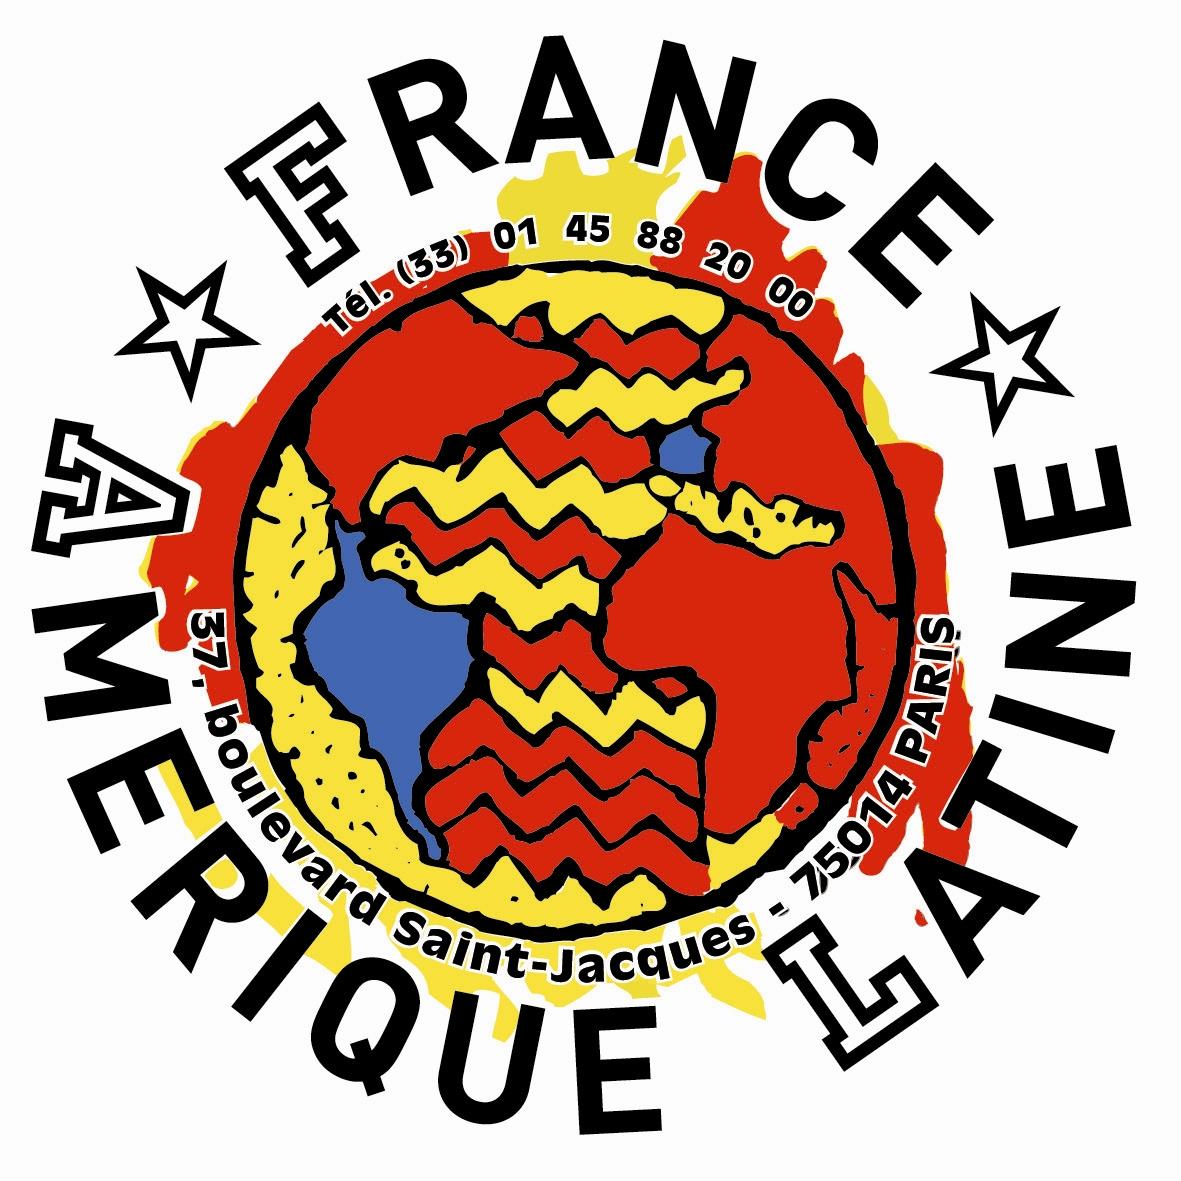 COMMUNIQUÉ DE FRANCE AMÉRIQUE LATINE SUR LA SITUATION AU NICARAGUA